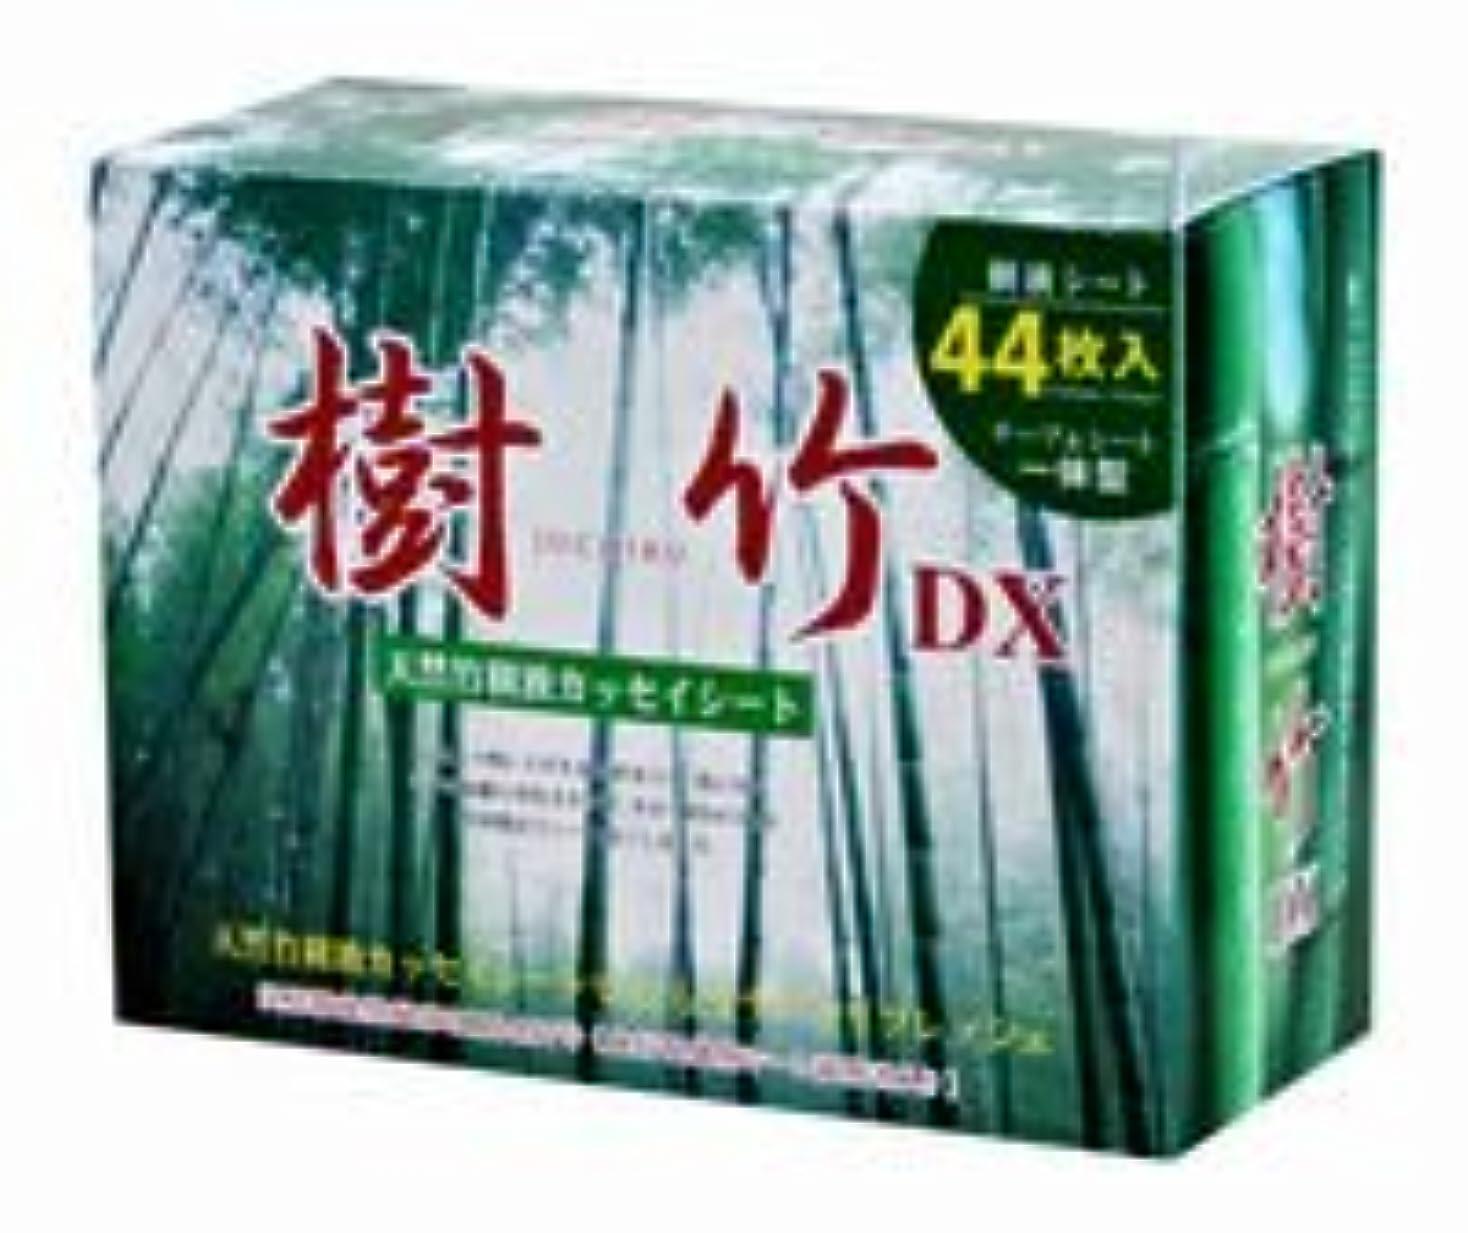 樹竹DX 44枚入 3箱セット